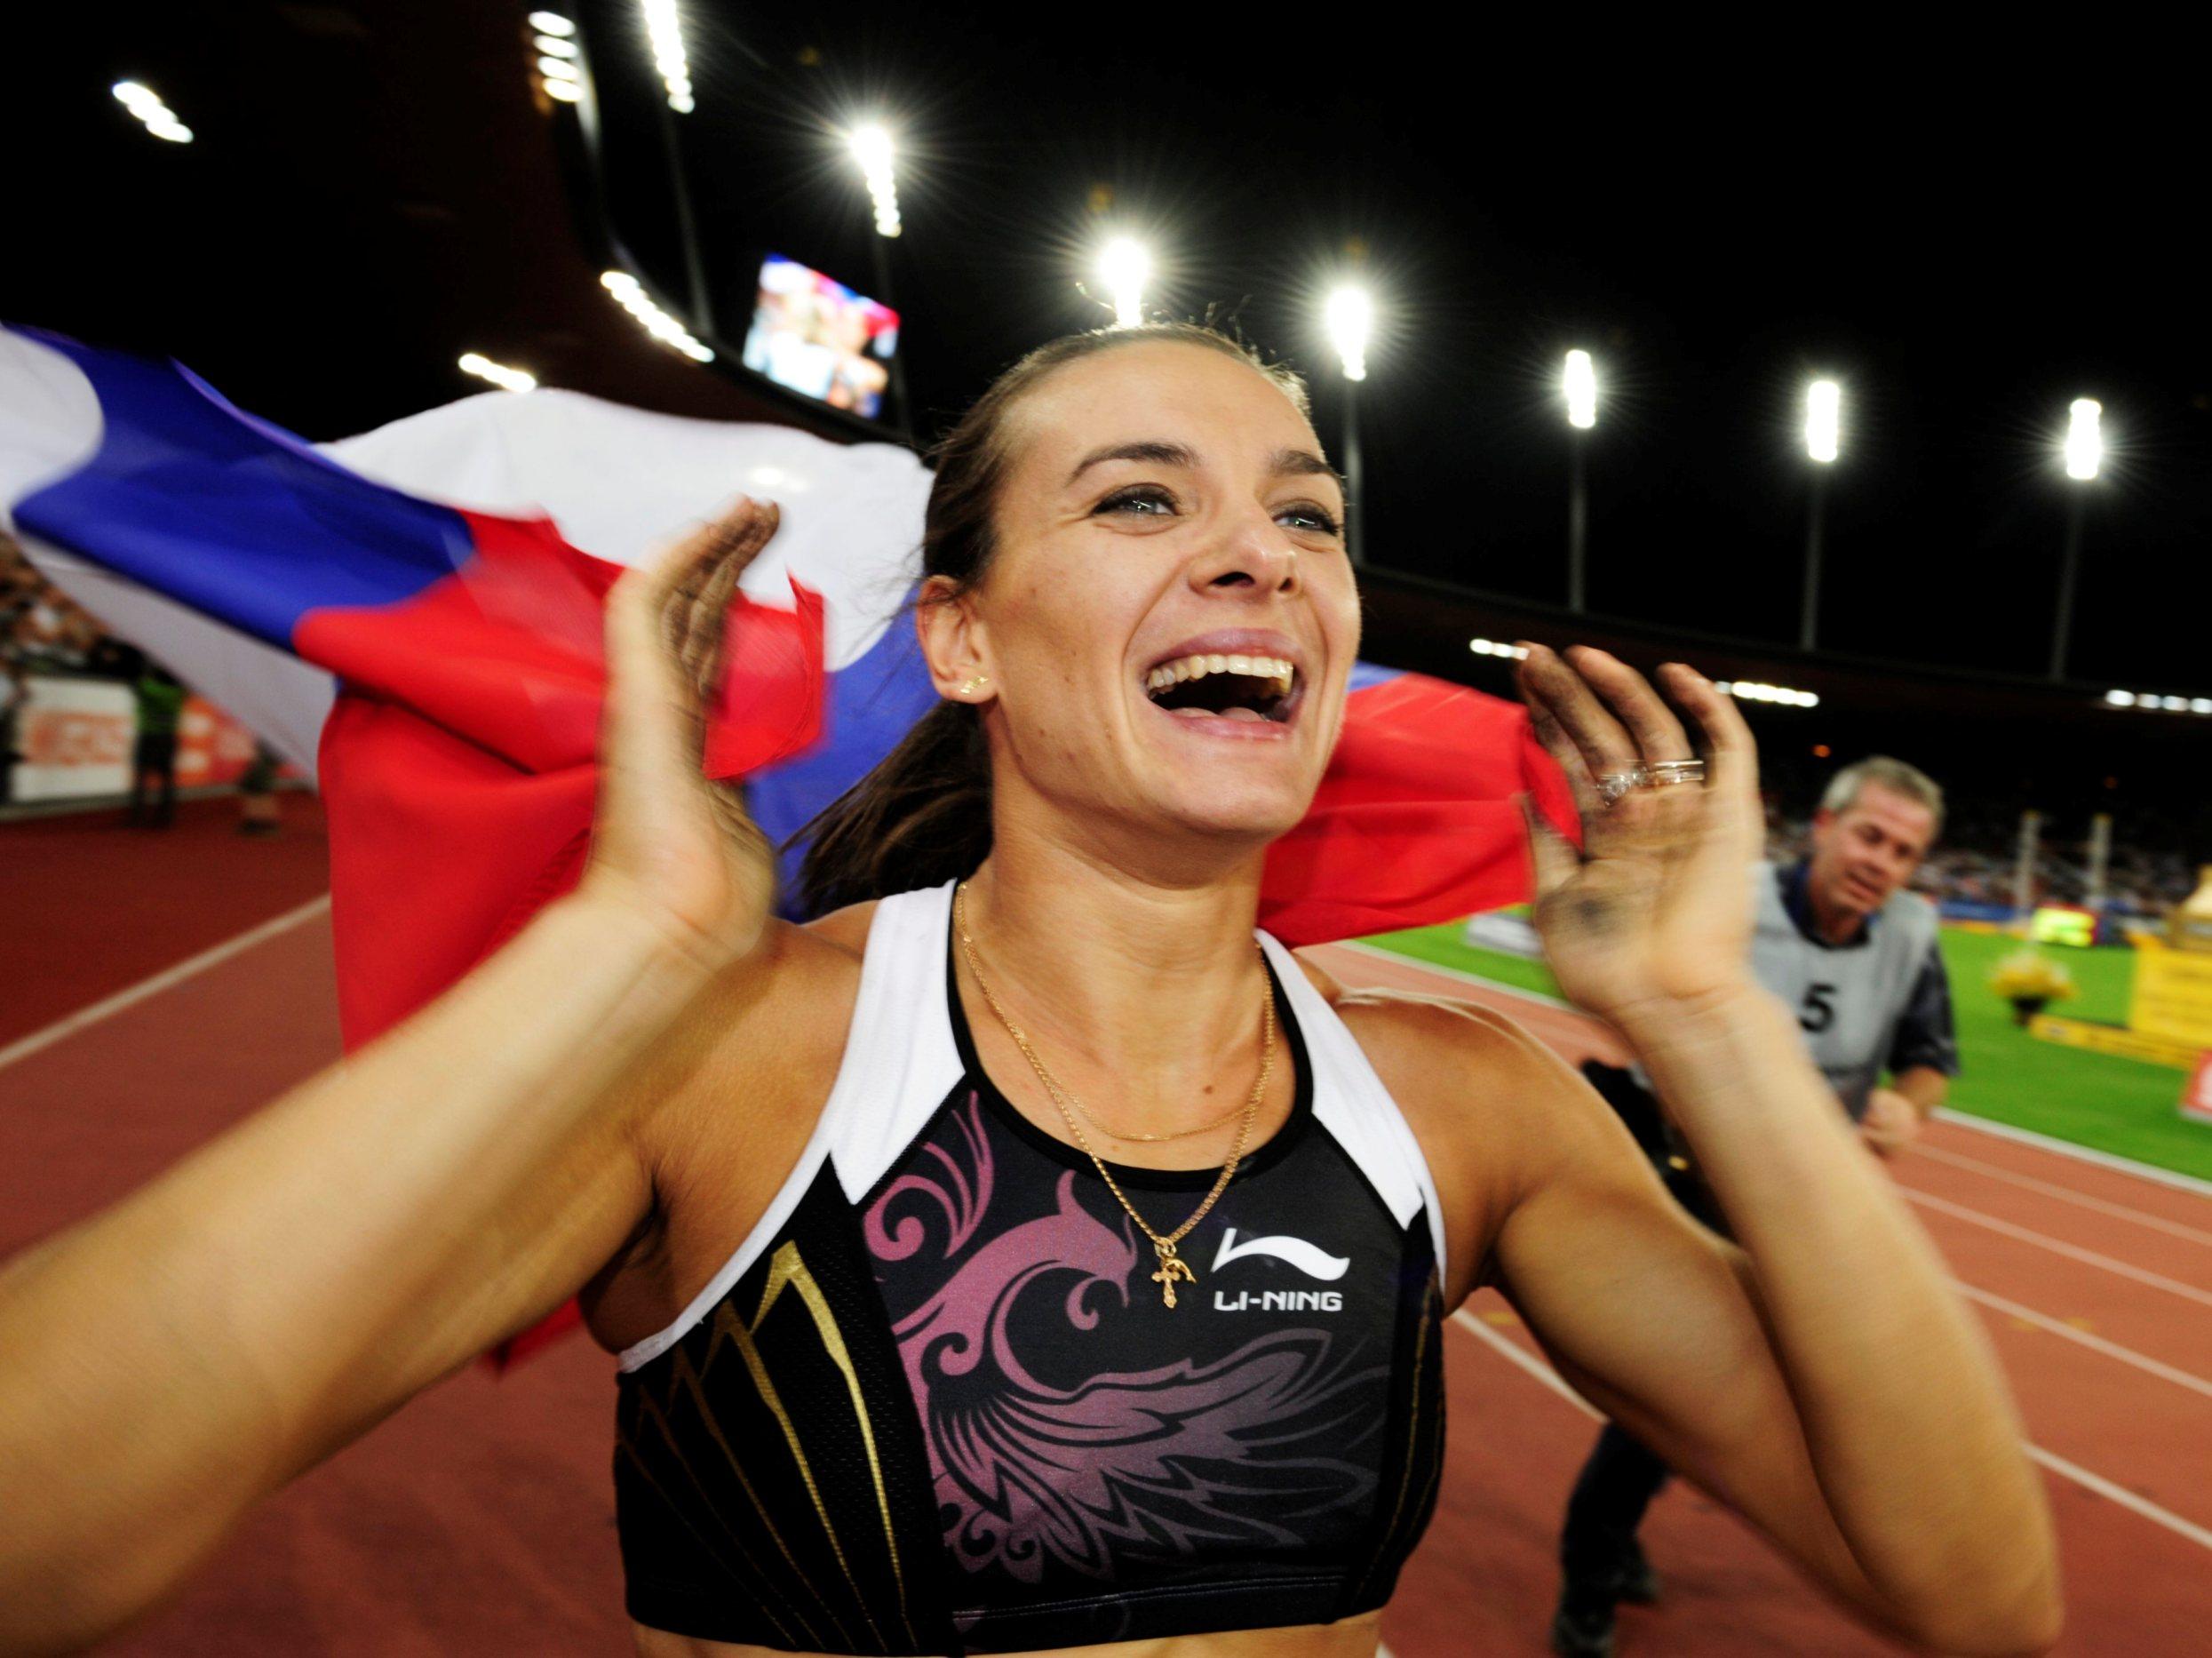 Фотки российских спортсменок 15 фотография